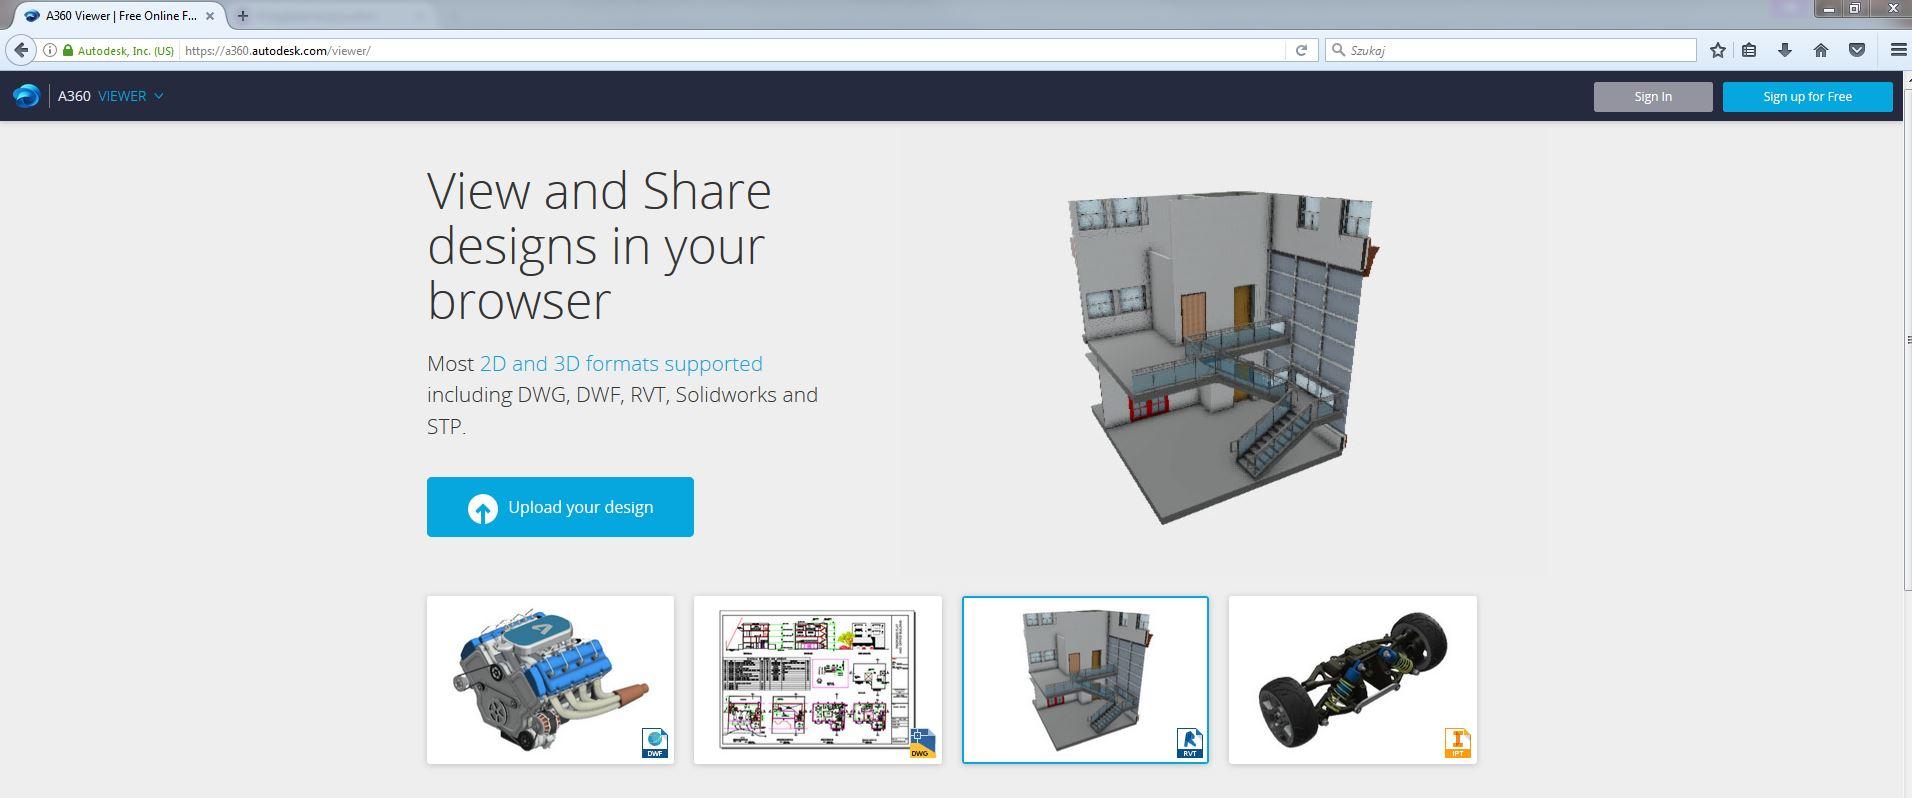 Autodesk AutoCAD 2018 6